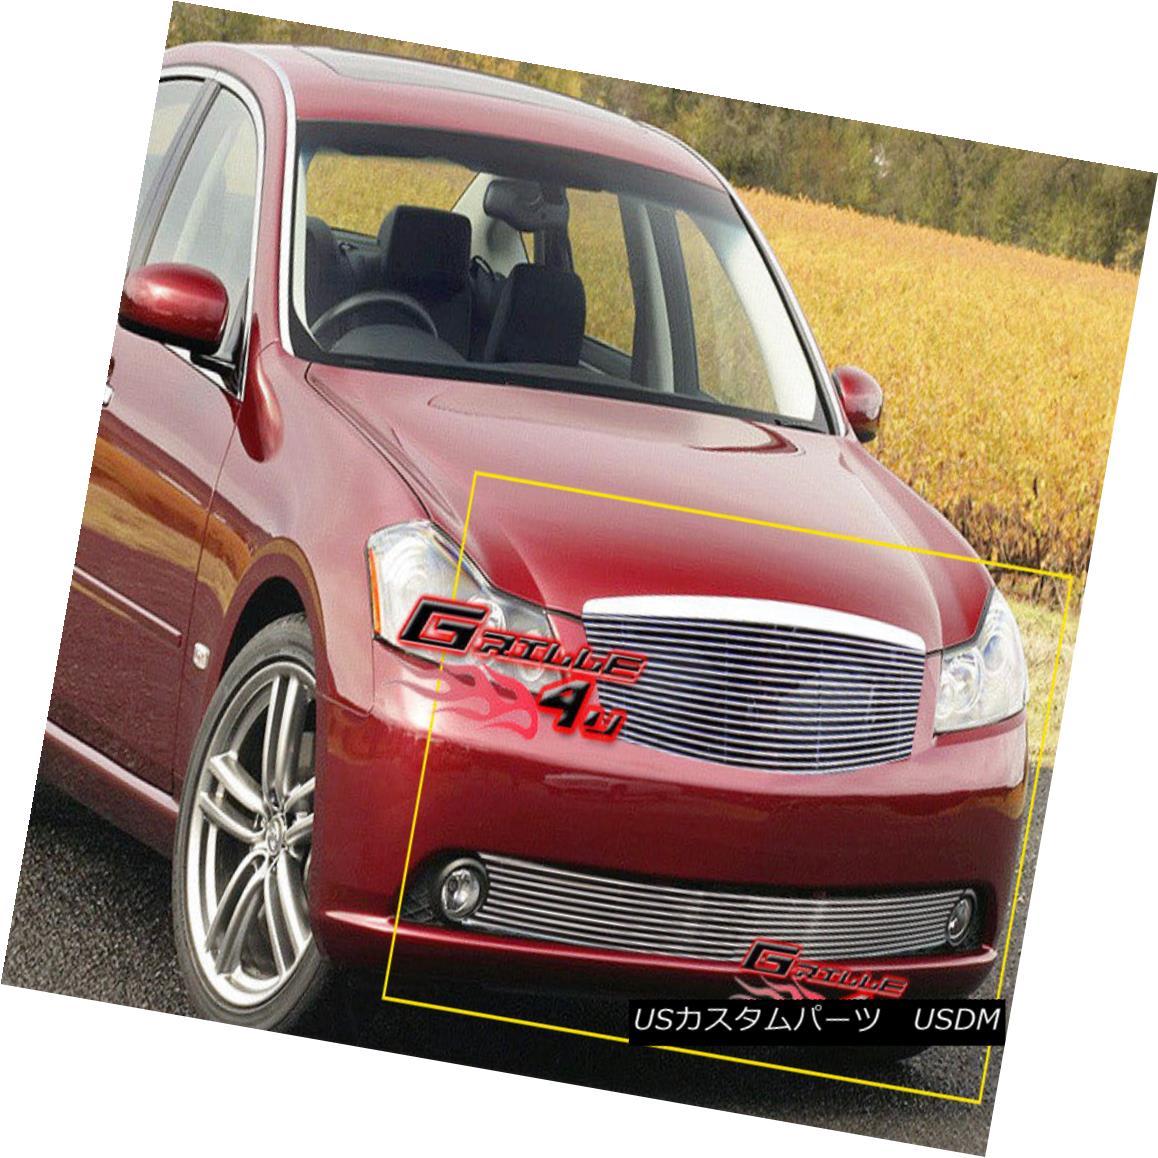 グリル Fits 2005-2007 Infiniti M35 Sedan Billet Grille Grill Combo Insert フィット2005-2007インフィニティM35セダンビレットグリルグリルコンボインサート